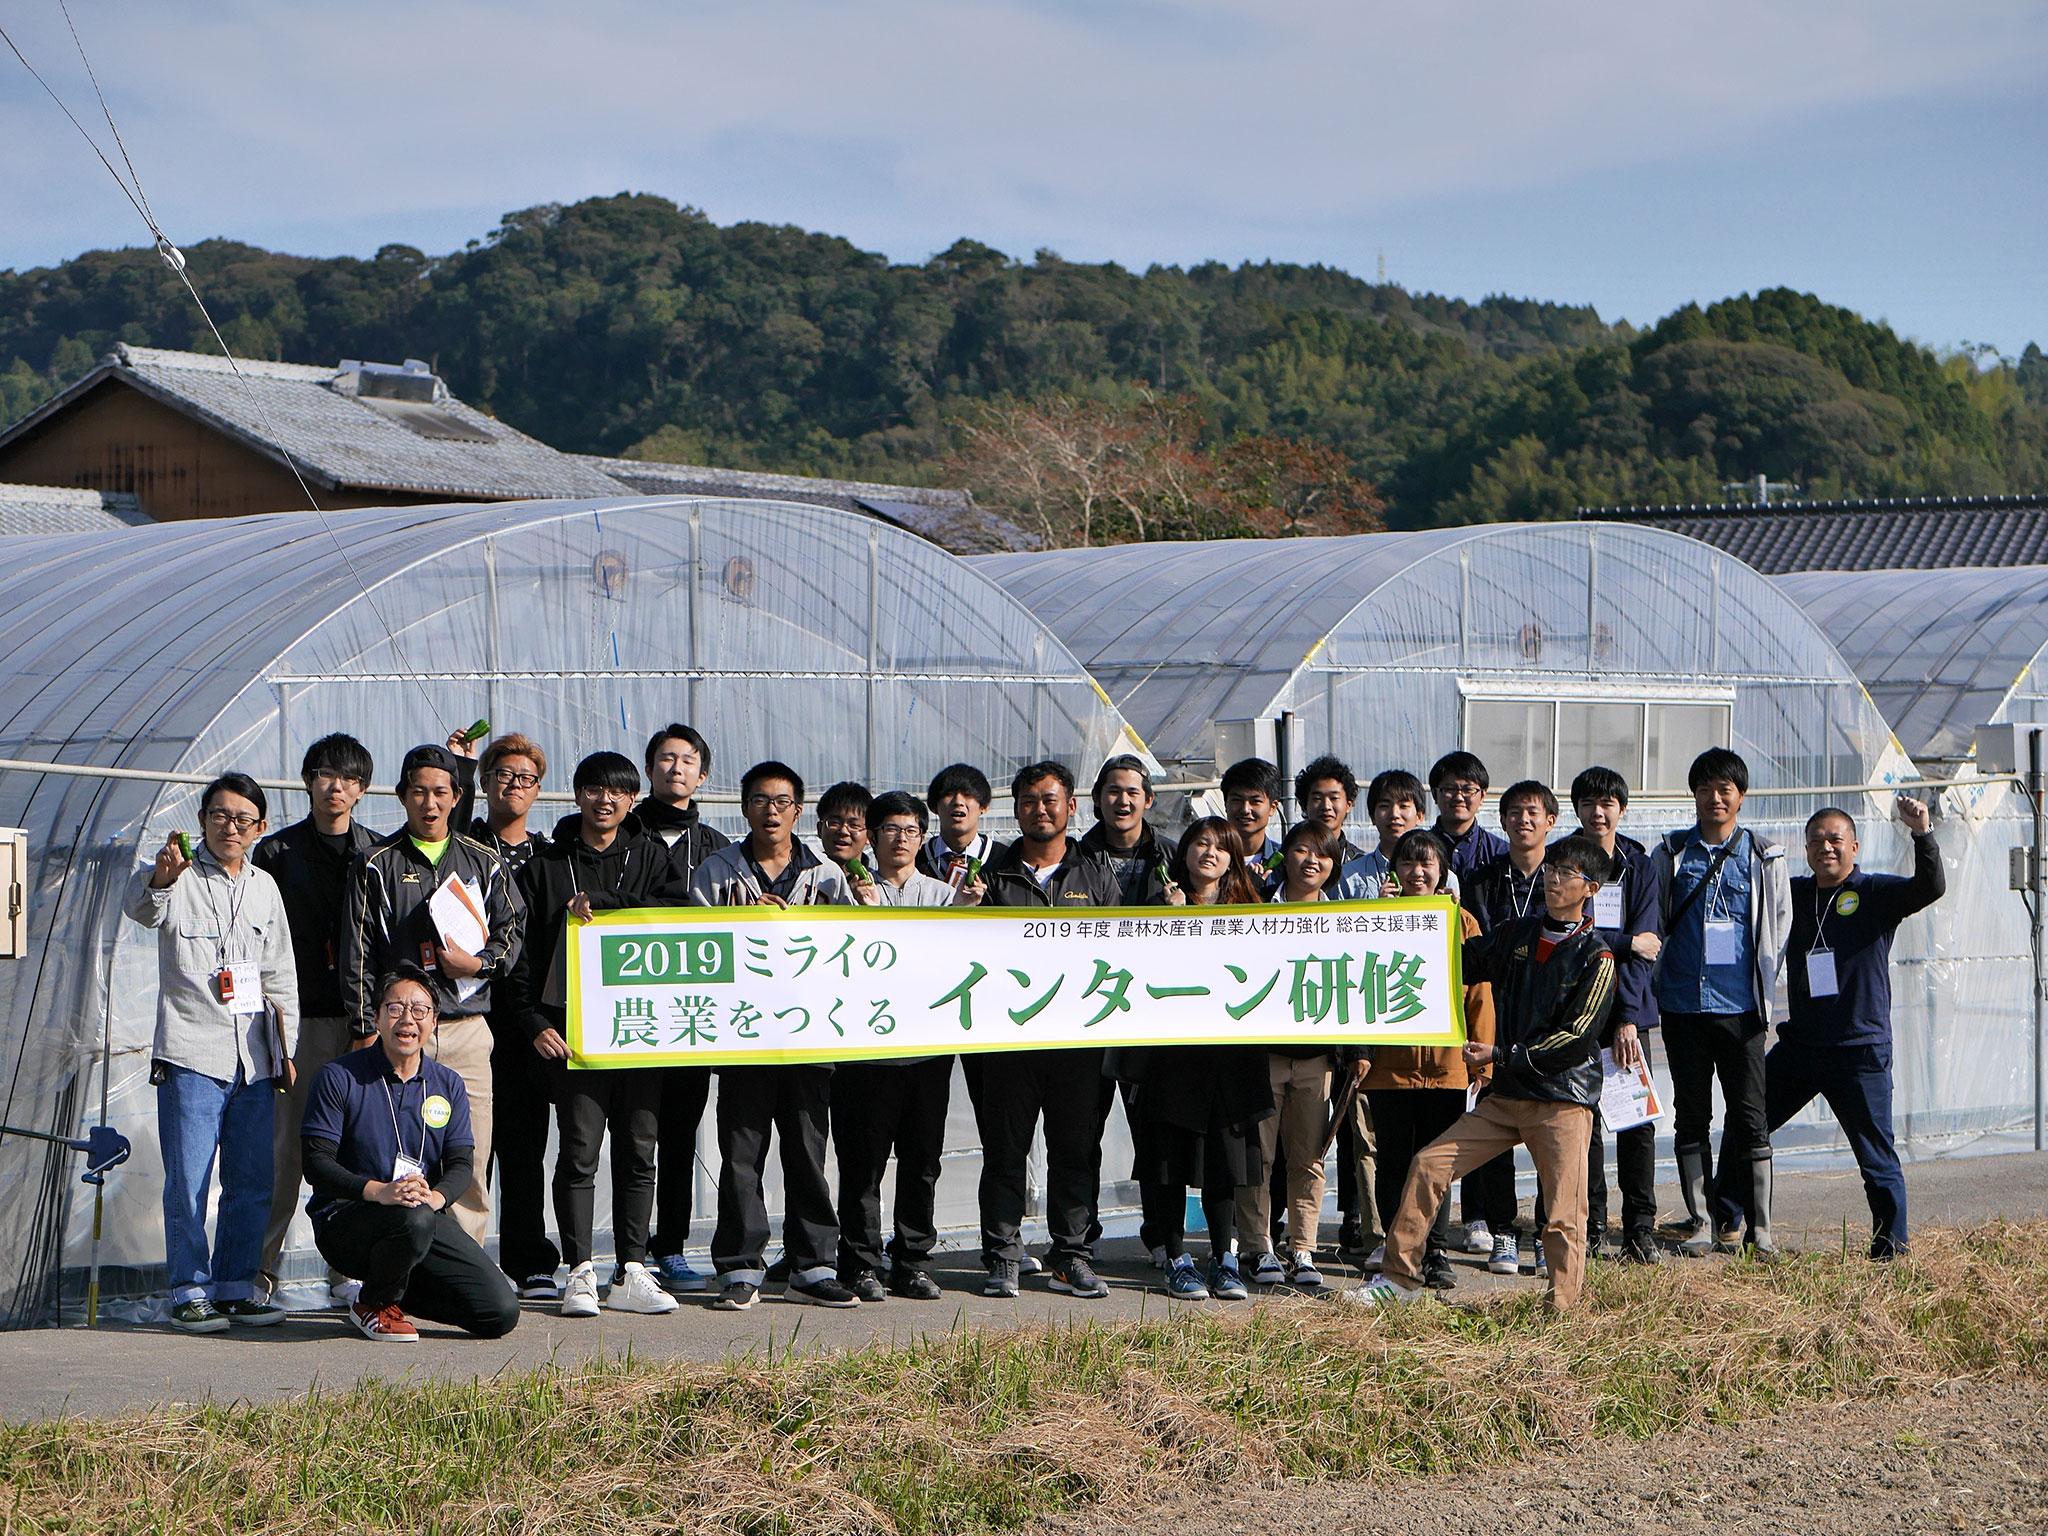 マイファームタイムス 編集長の行ってみた「ミライの農業をつくるインターン研修 in 宮崎」